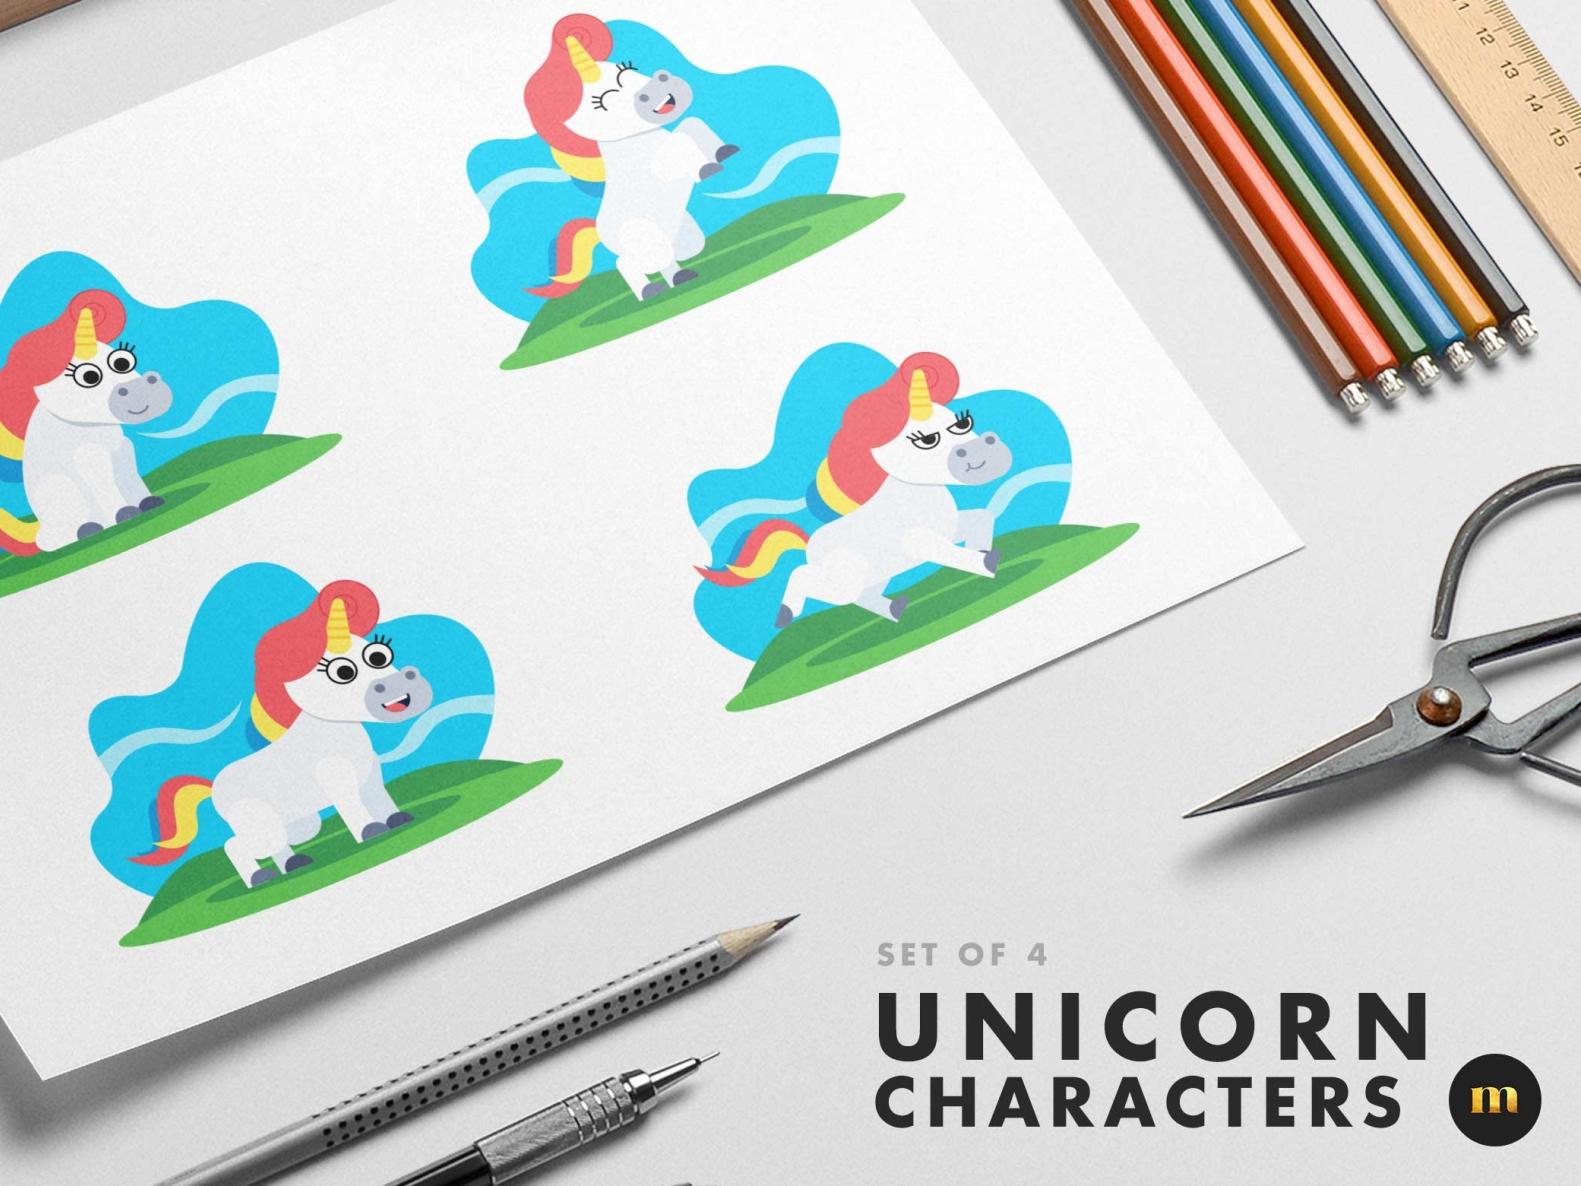 Set of 4 Unicorn Characters